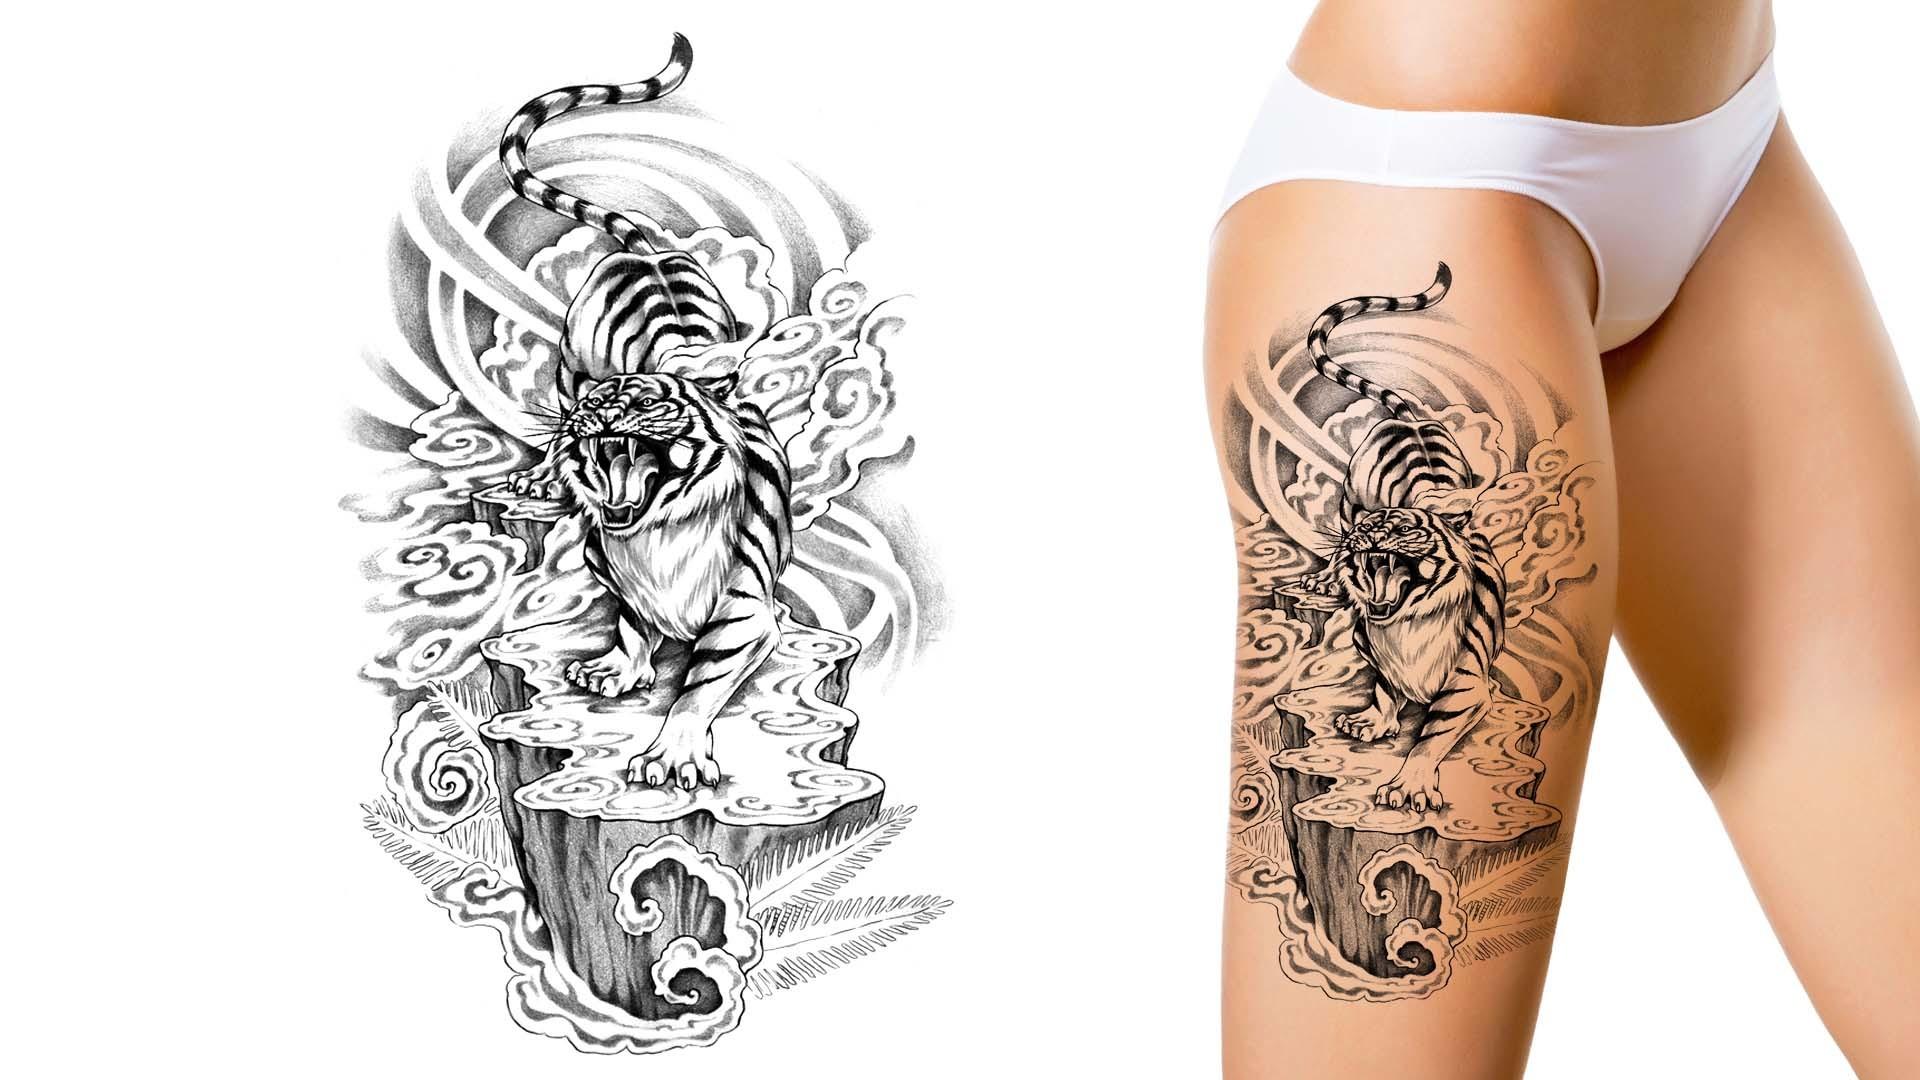 tattoo design wallpaper 41 images. Black Bedroom Furniture Sets. Home Design Ideas